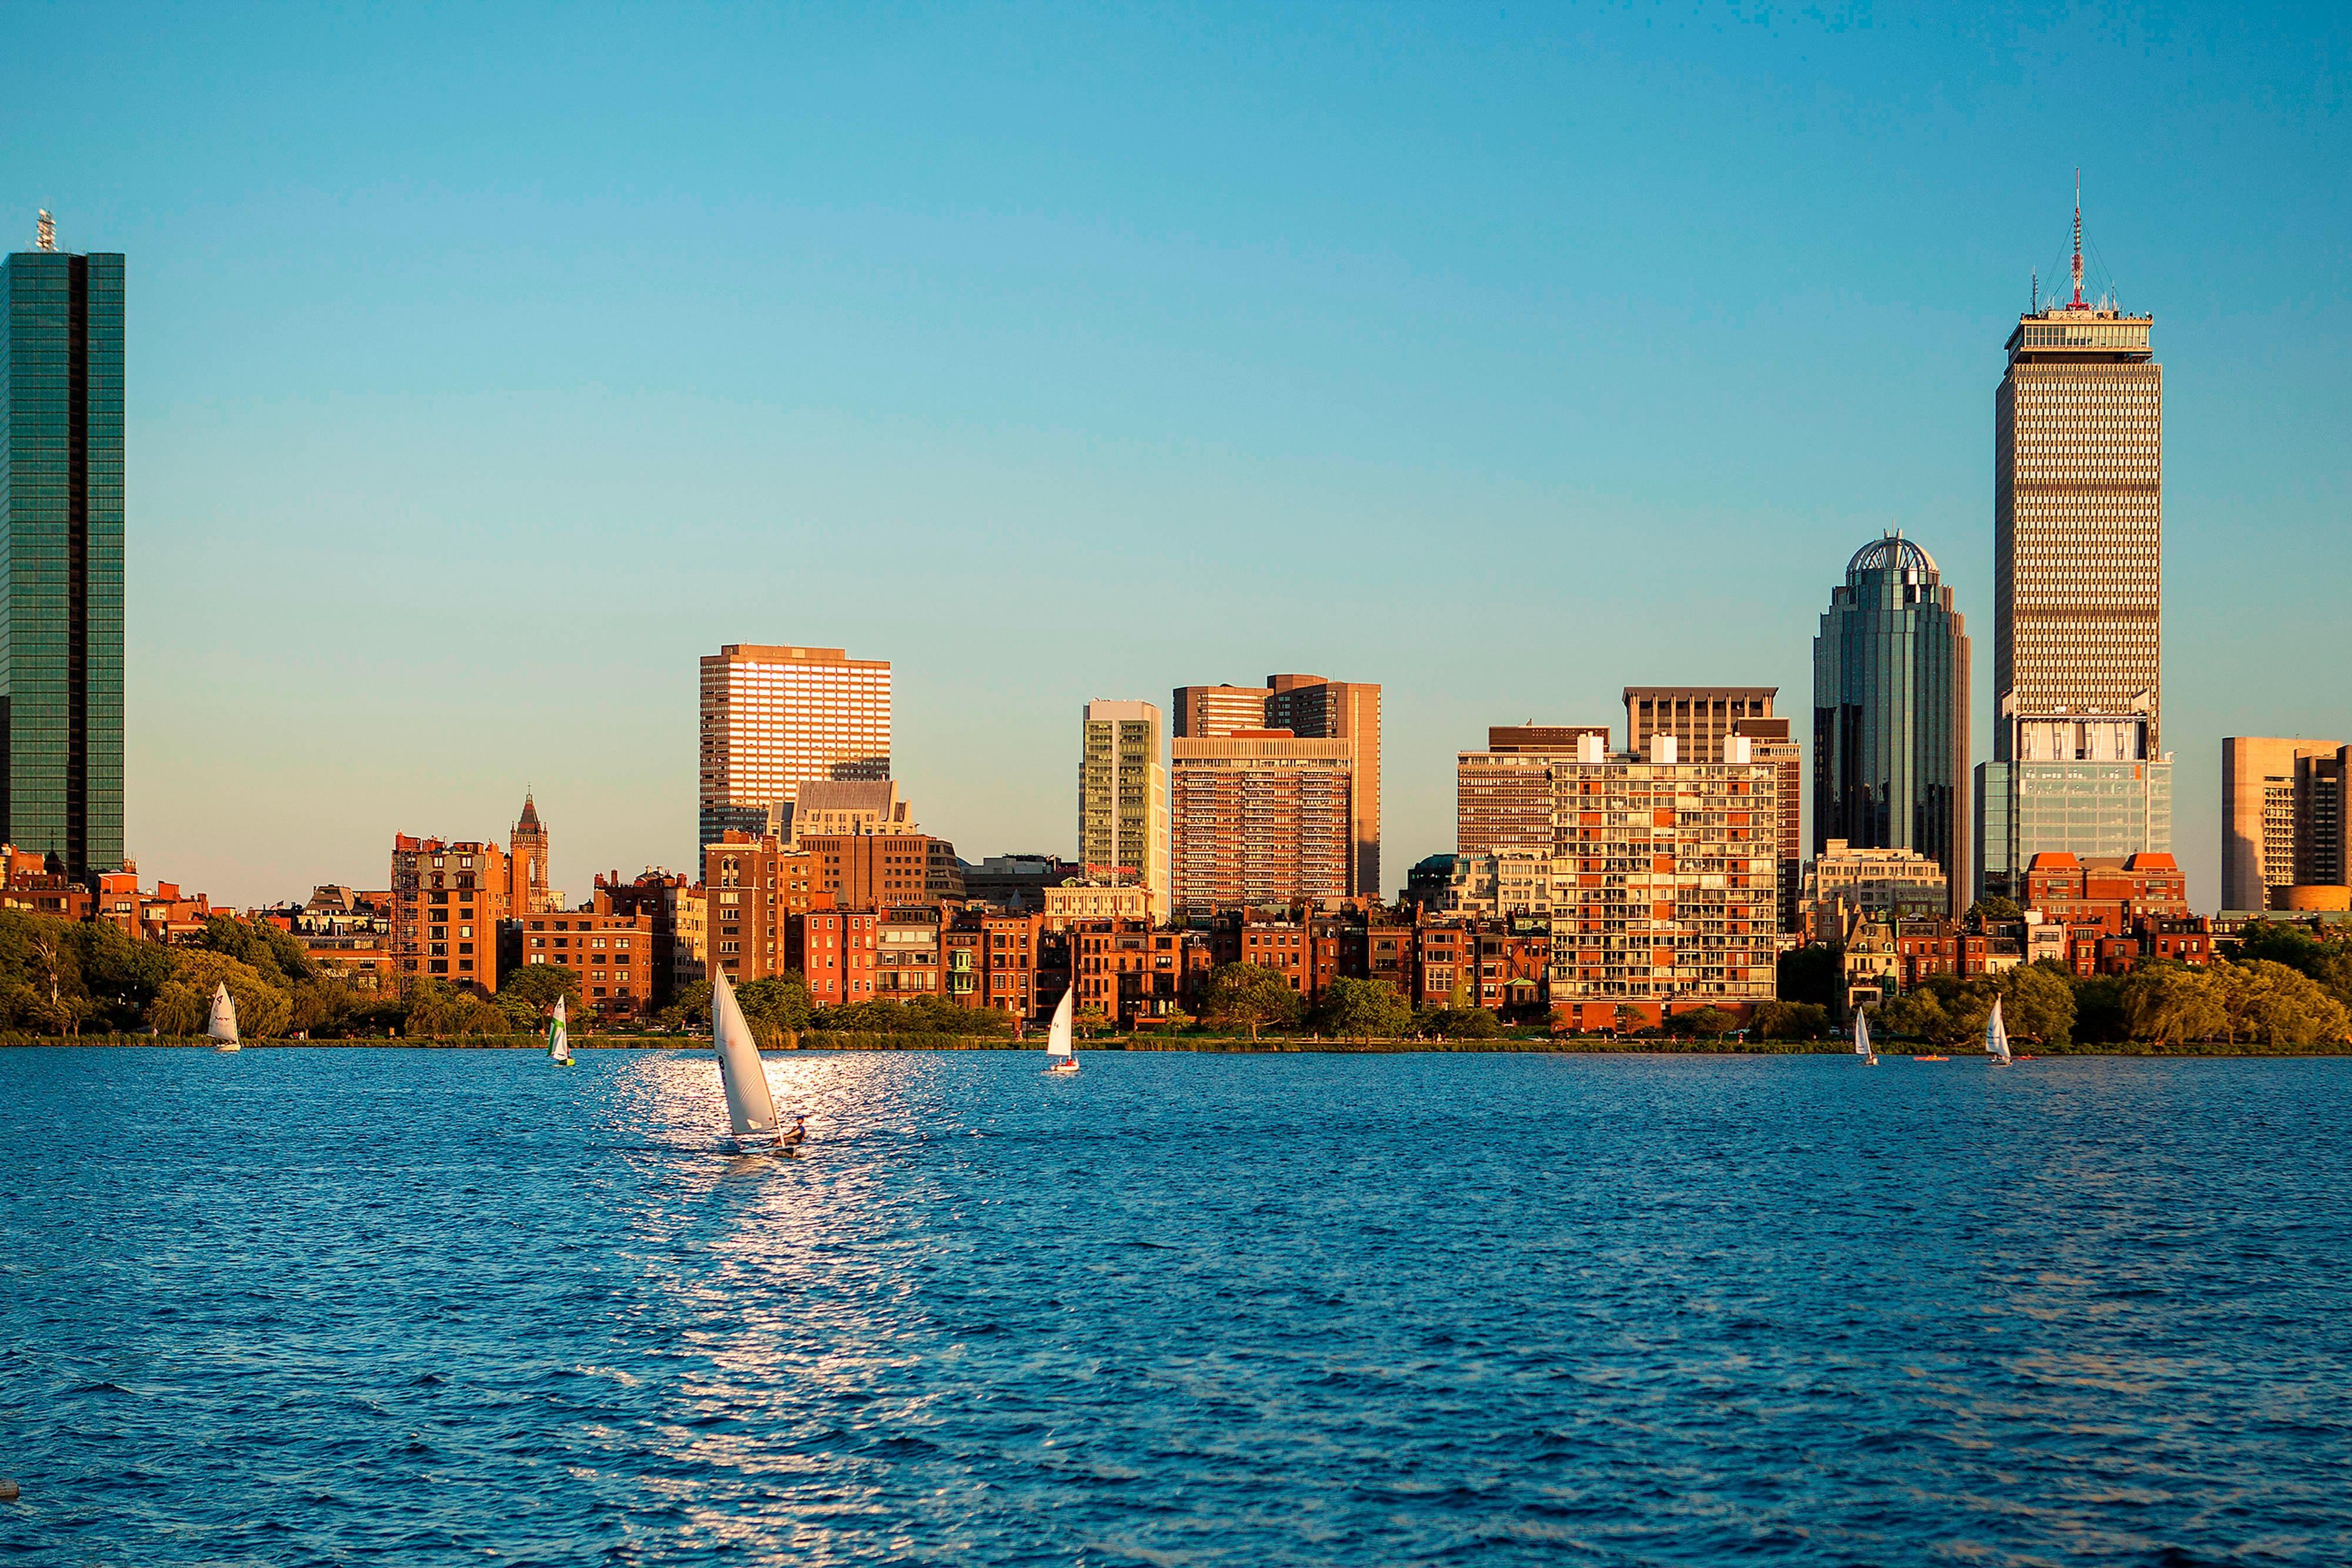 Charles River Boats